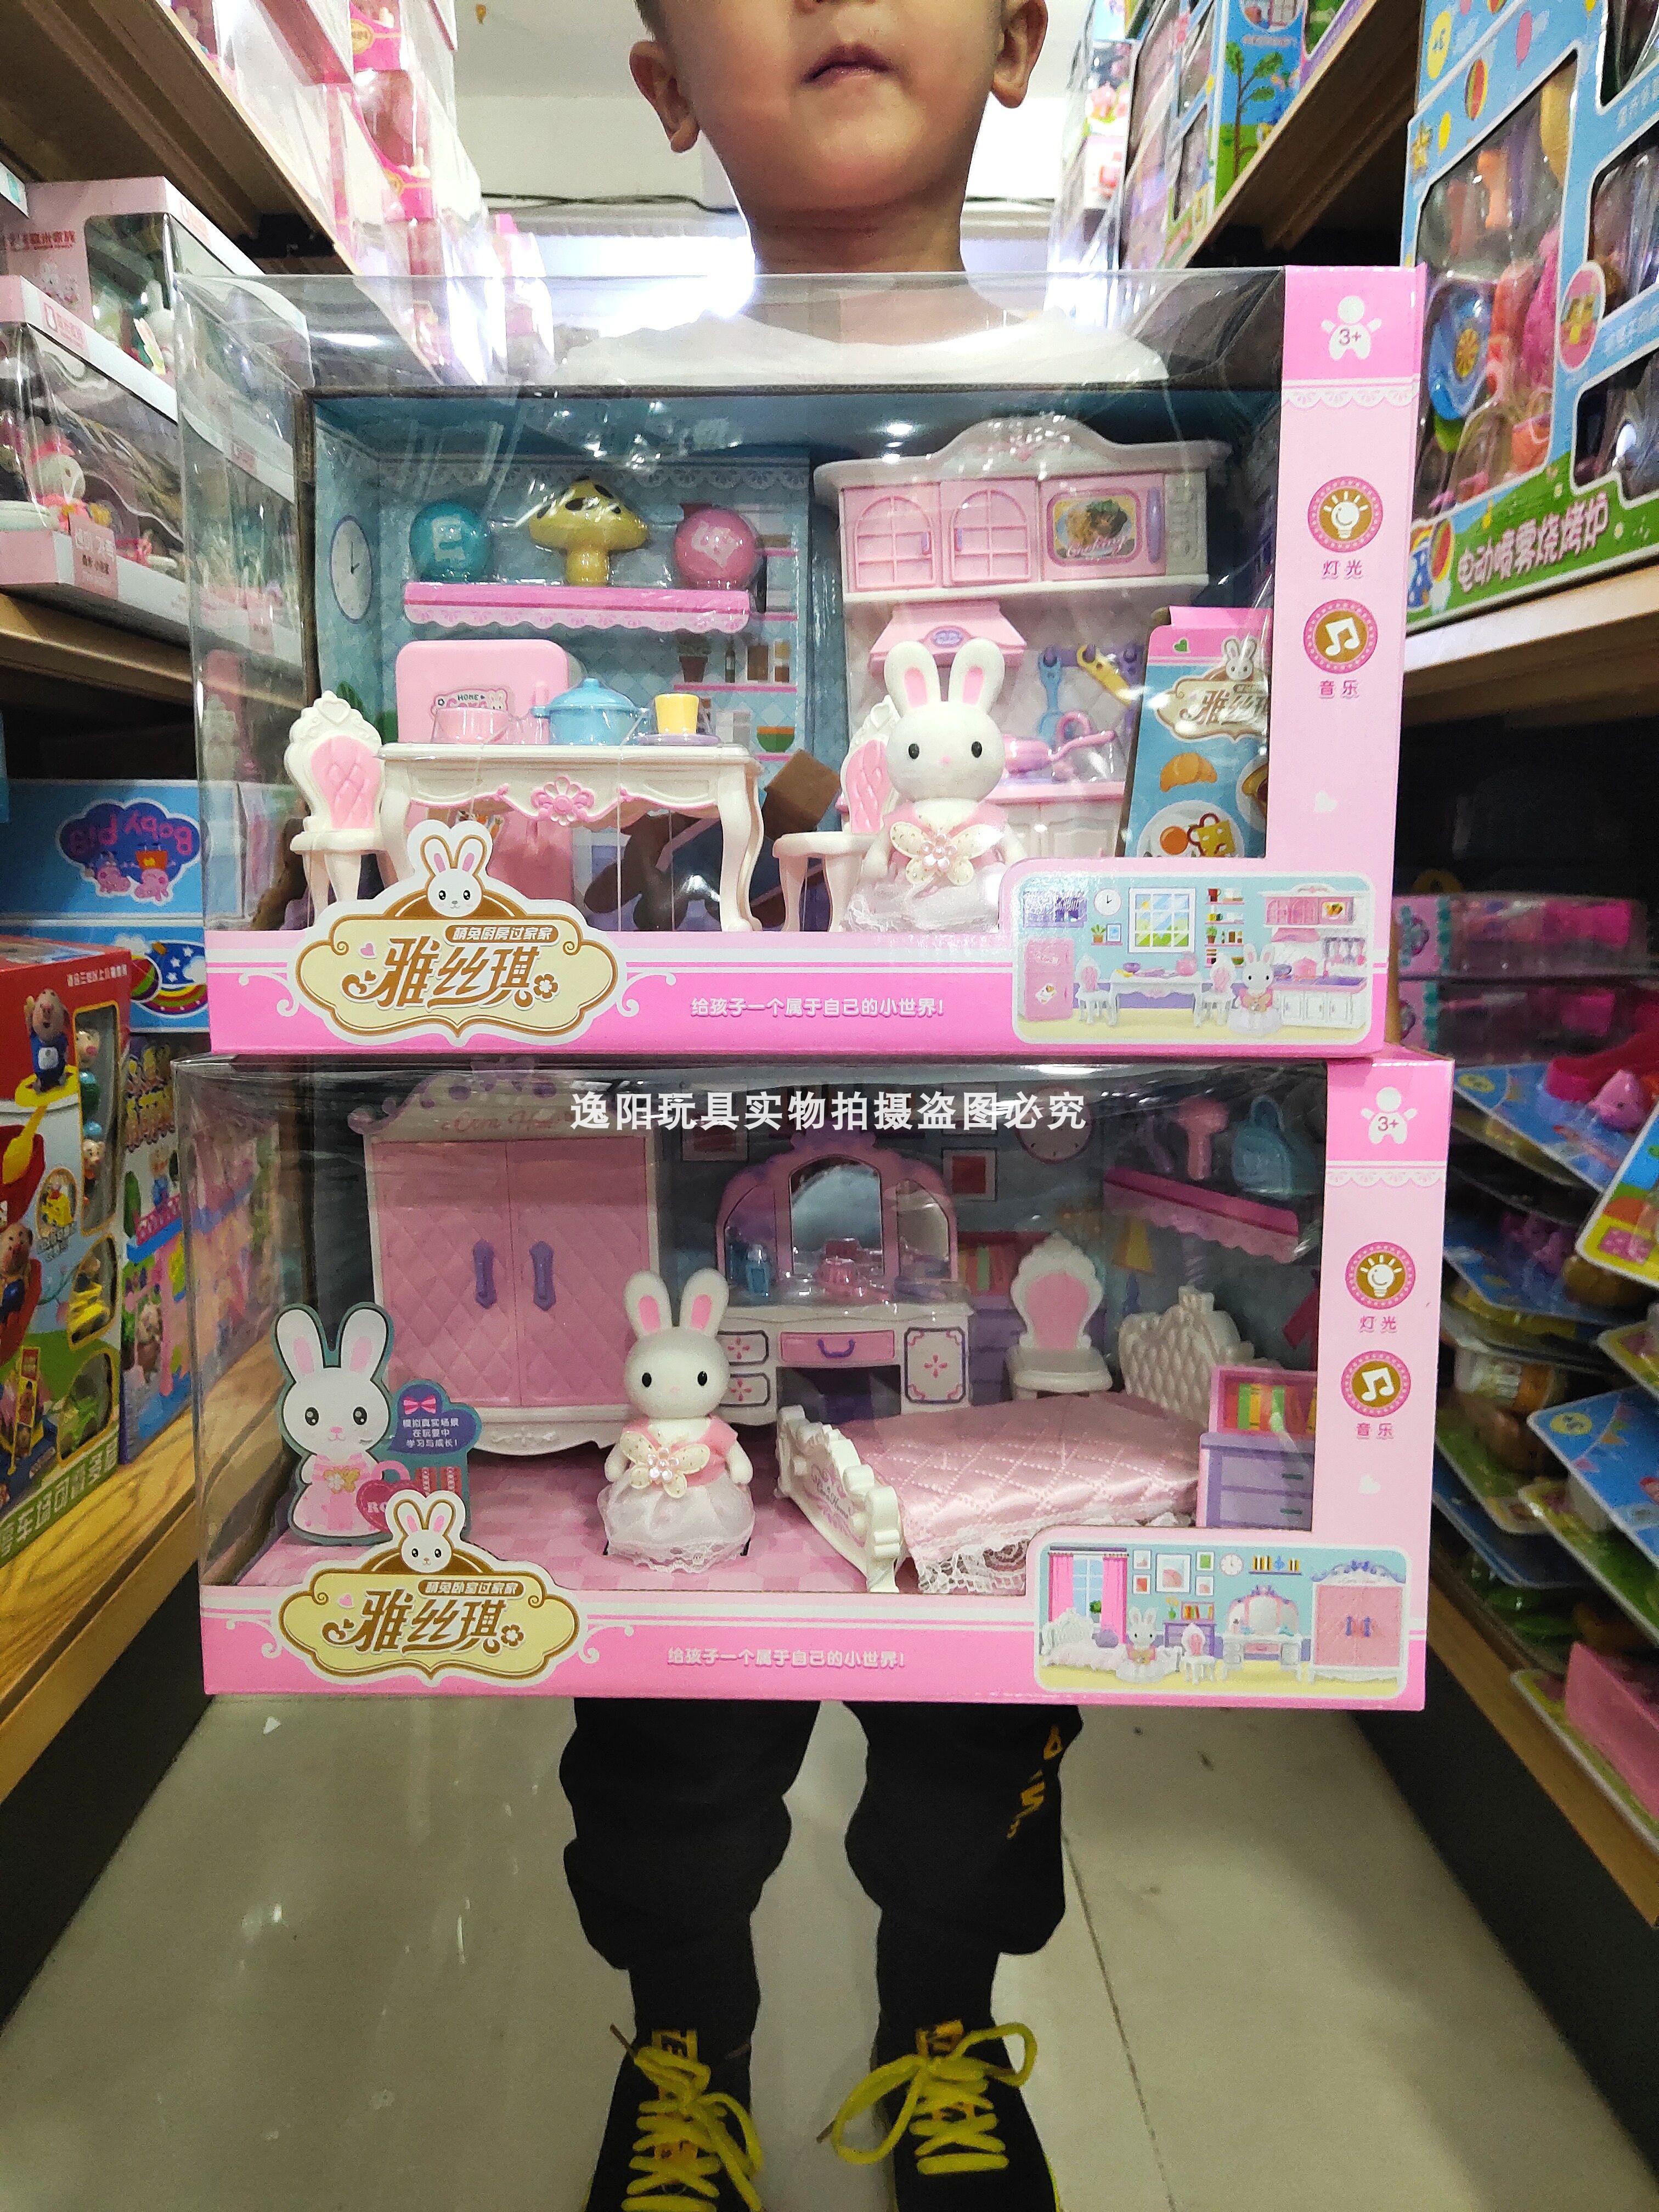 雅丝琪萌兔卧室厨房冰箱仿真房间场景小兔子玩具娃娃女孩过家家